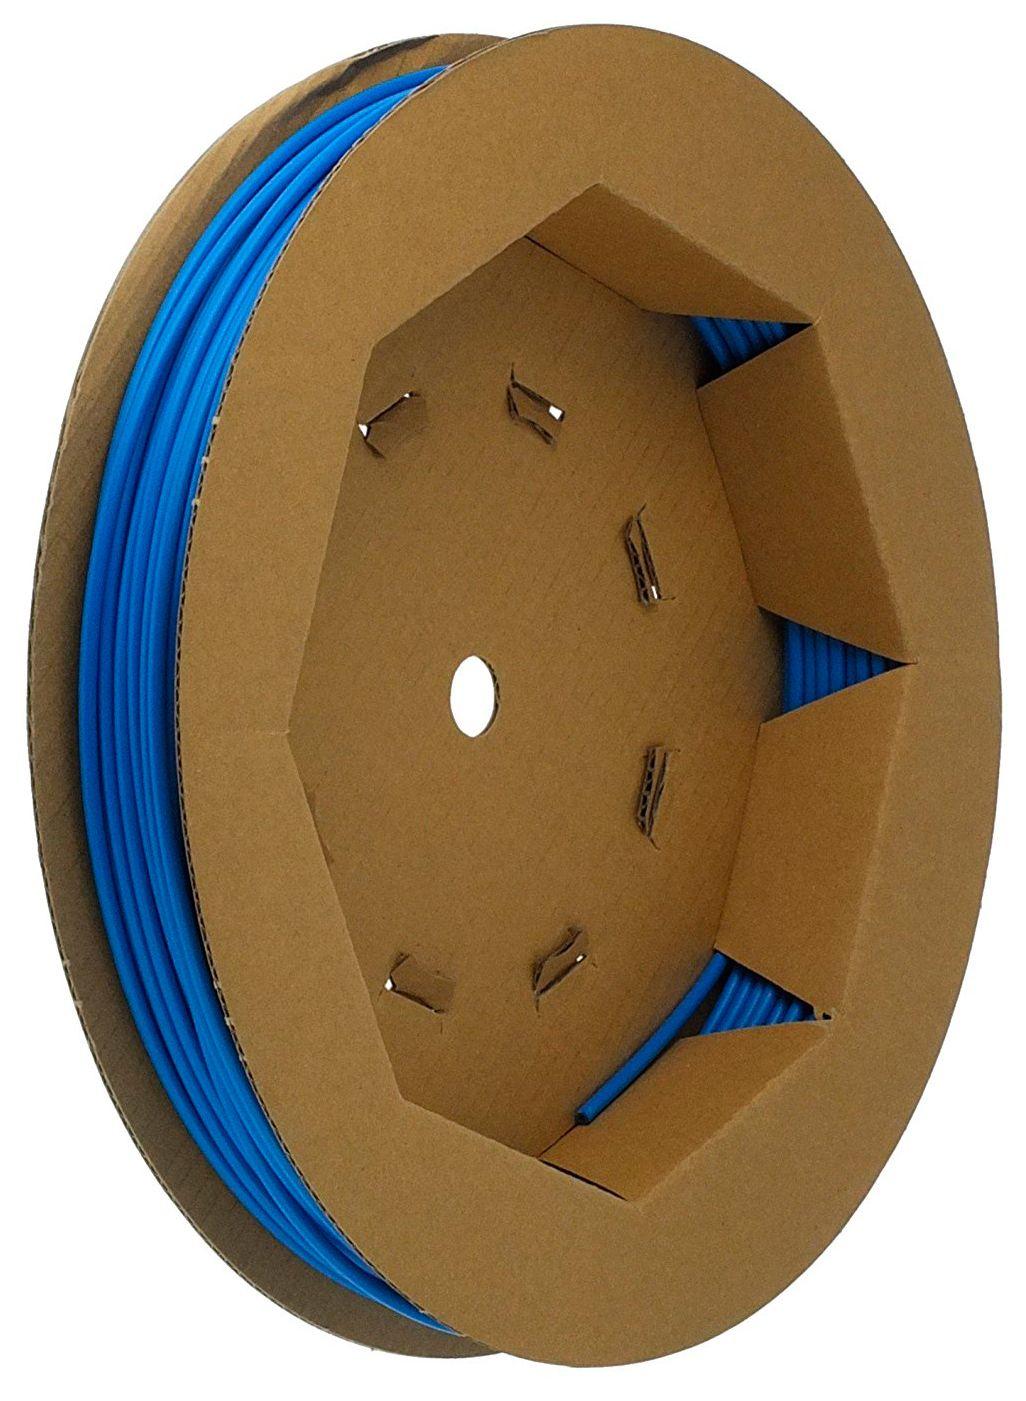 Запчасть Shimano оплетка для переключения SP41, 50 м запчасть shimano оплетка для переключения sp41 50 м